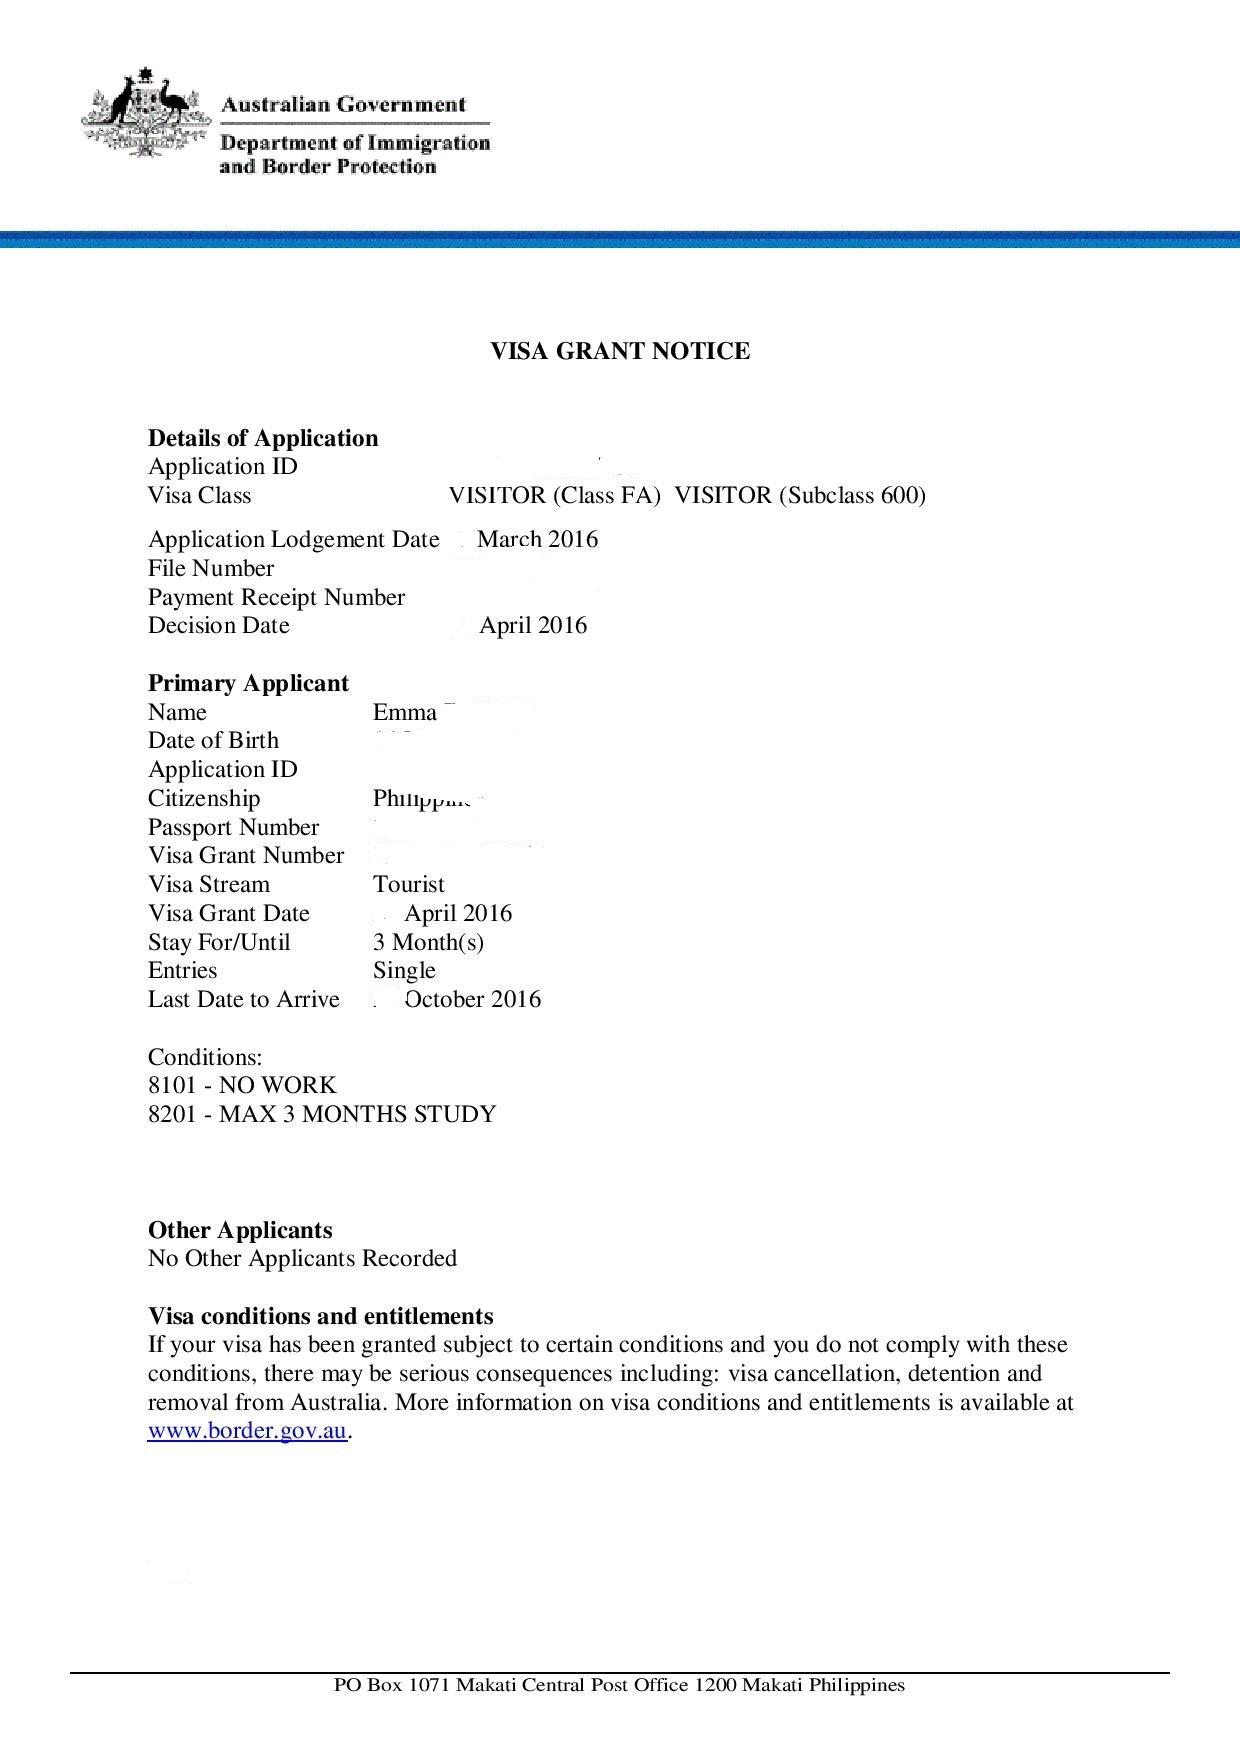 Australian tourist visa application letter